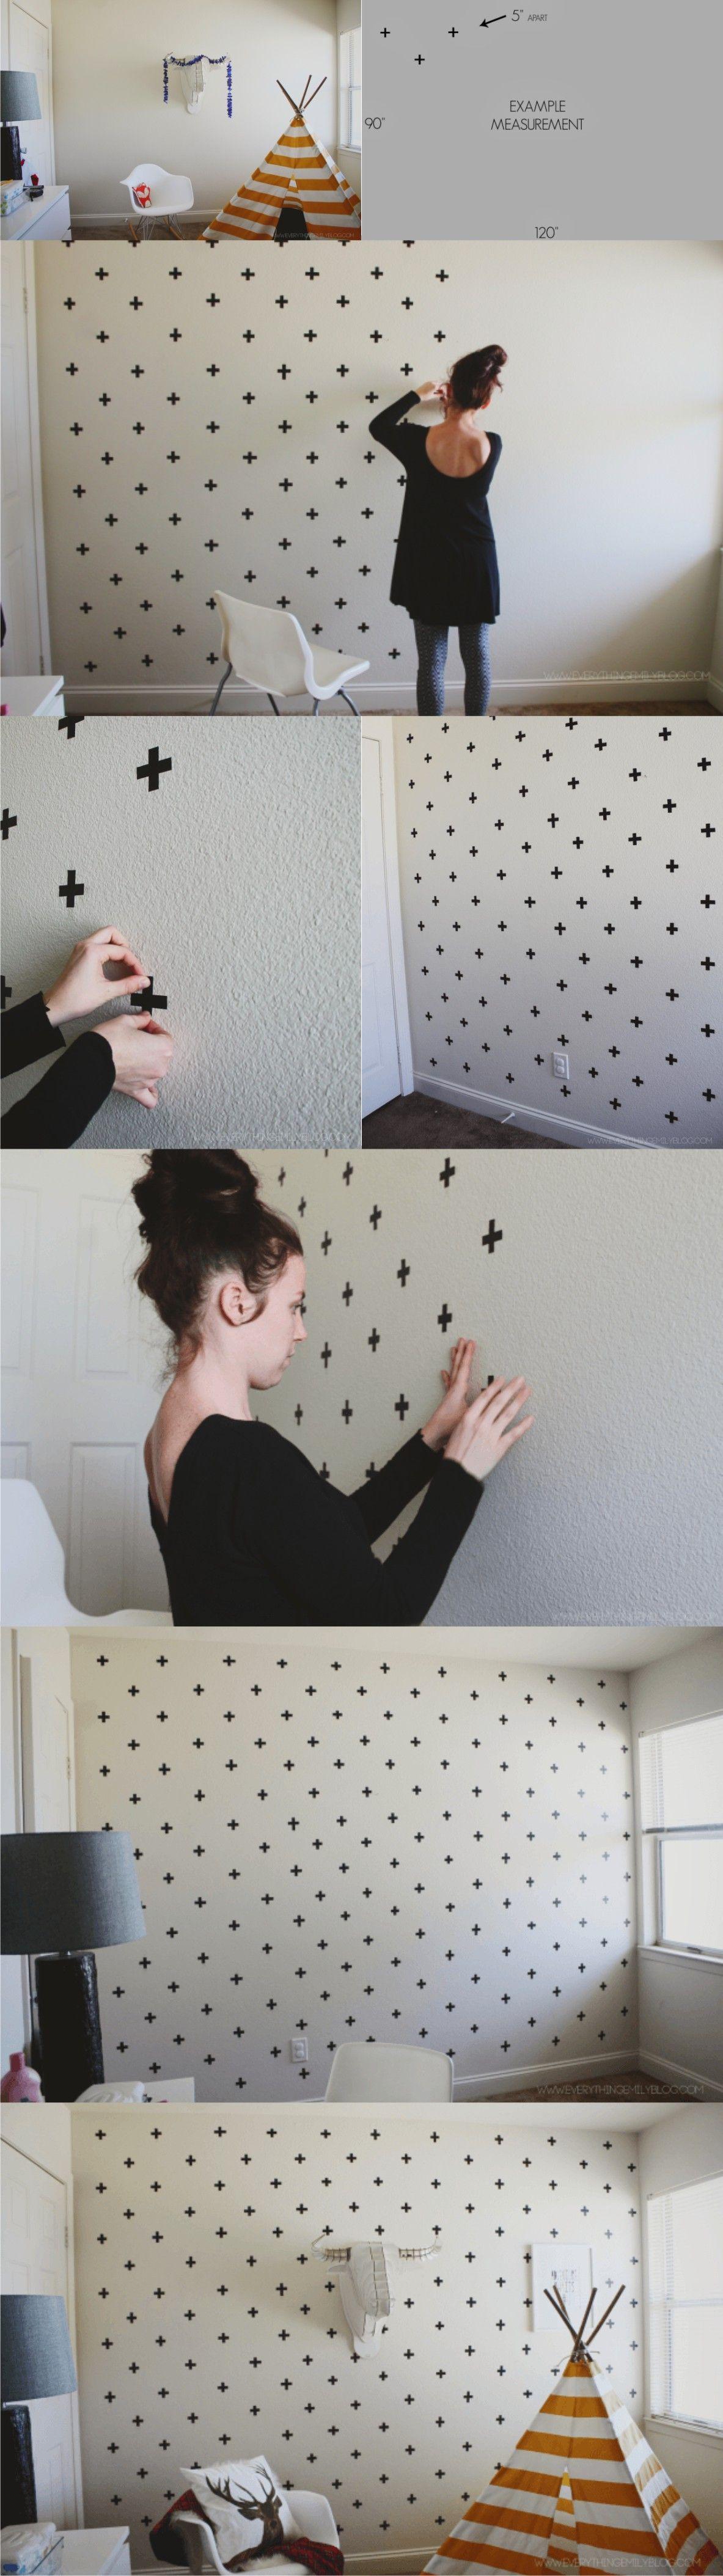 Ingenioso wallart con washi tape | Decoración para niños, Artesanías ...